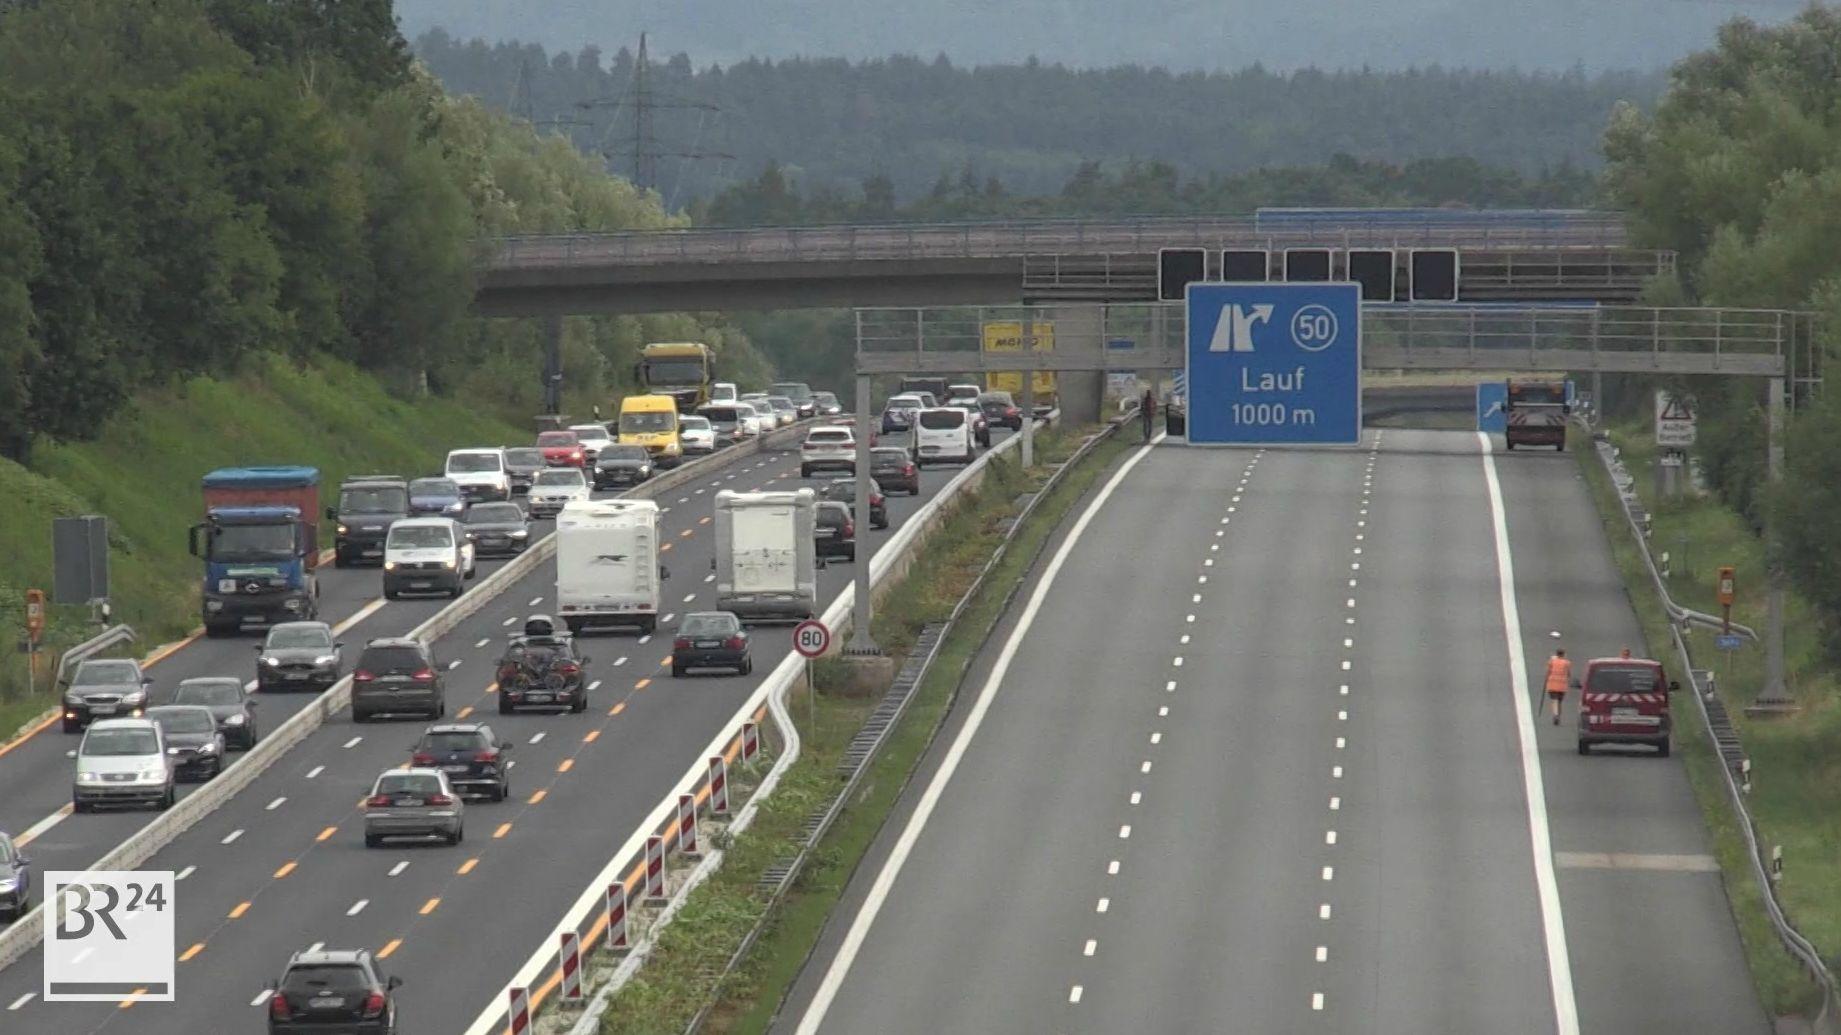 Bauarbeiten auaf der A9 bei Lauf